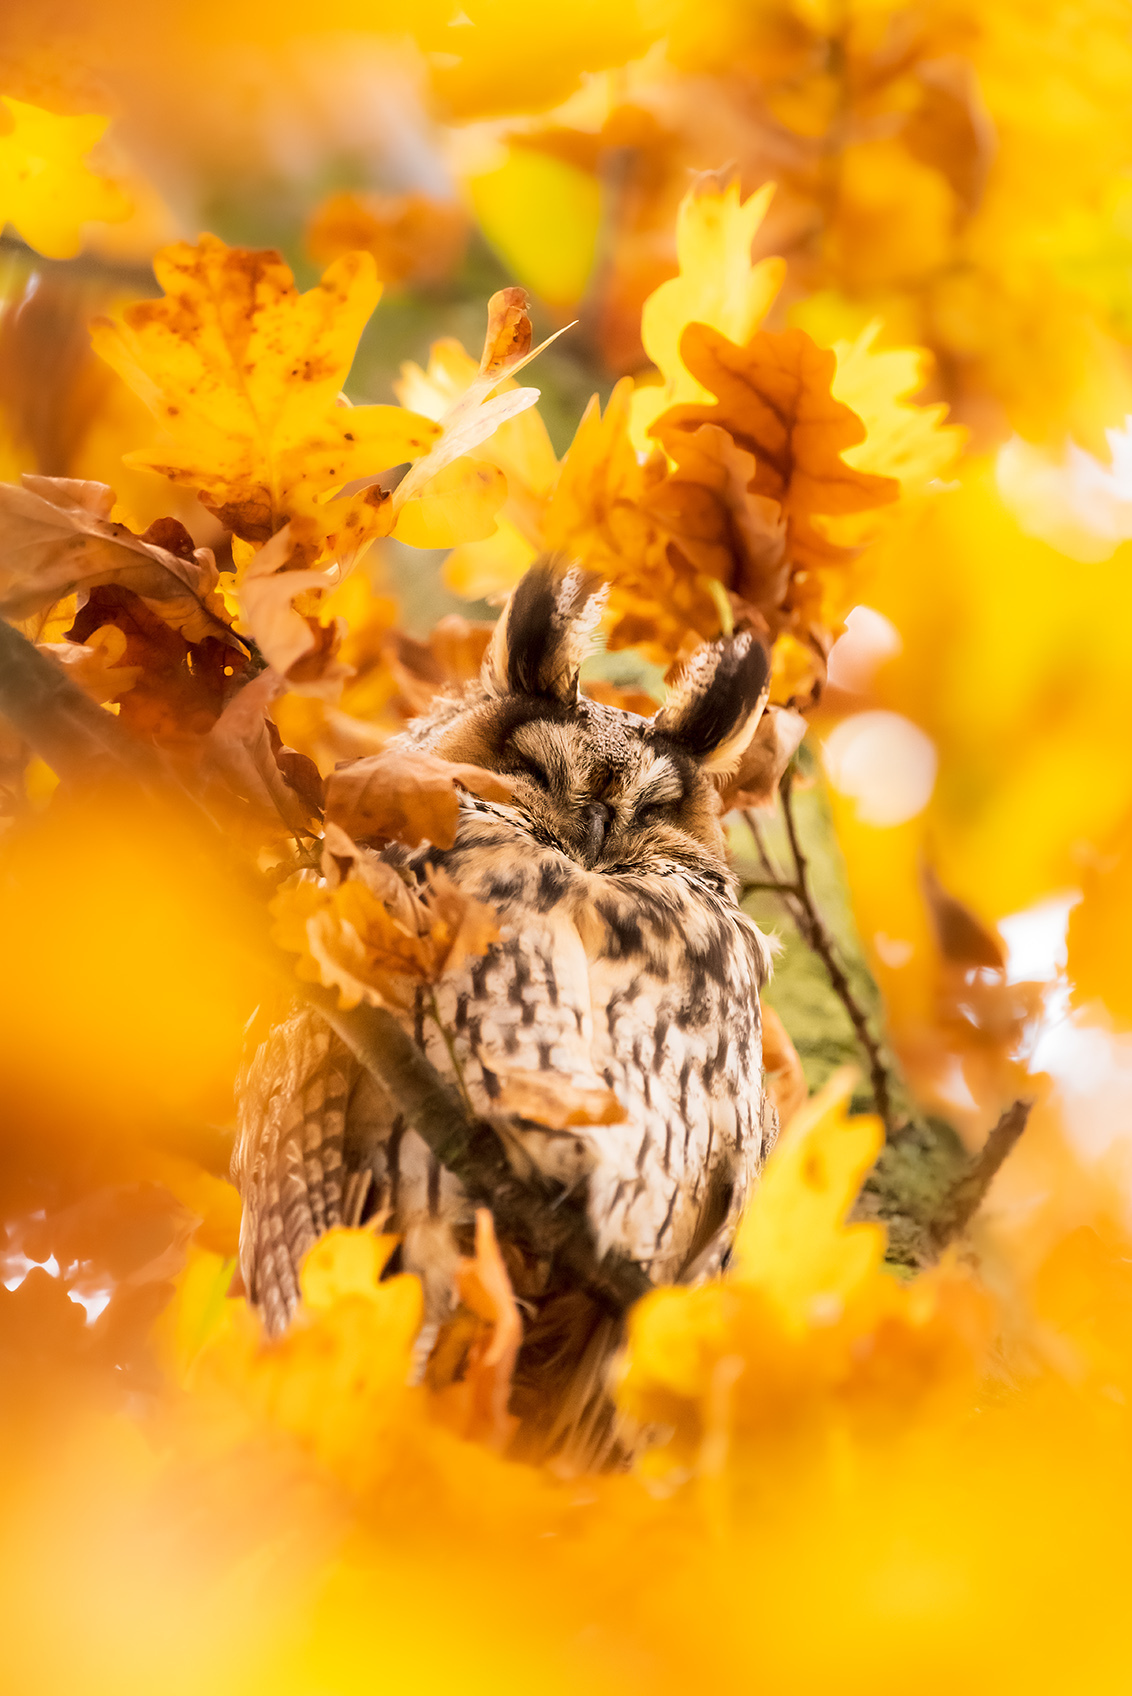 Uiltje knappen - Deze Ransuil was héérlijk een uiltje aan het knappen. Gewoon. Middenin een woonwijk. Alsof het de normaalste zaak van de wereld is. Is het waarschijn - foto door chrizzx op 17-11-2019 - deze foto bevat: bladeren, uil, geel, herfst, eik, dieren, vogel, roofvogel, slapen, wildlife, uilen, ransuil, dof, doezelen, soezen, seizoen, pentax, laanboom